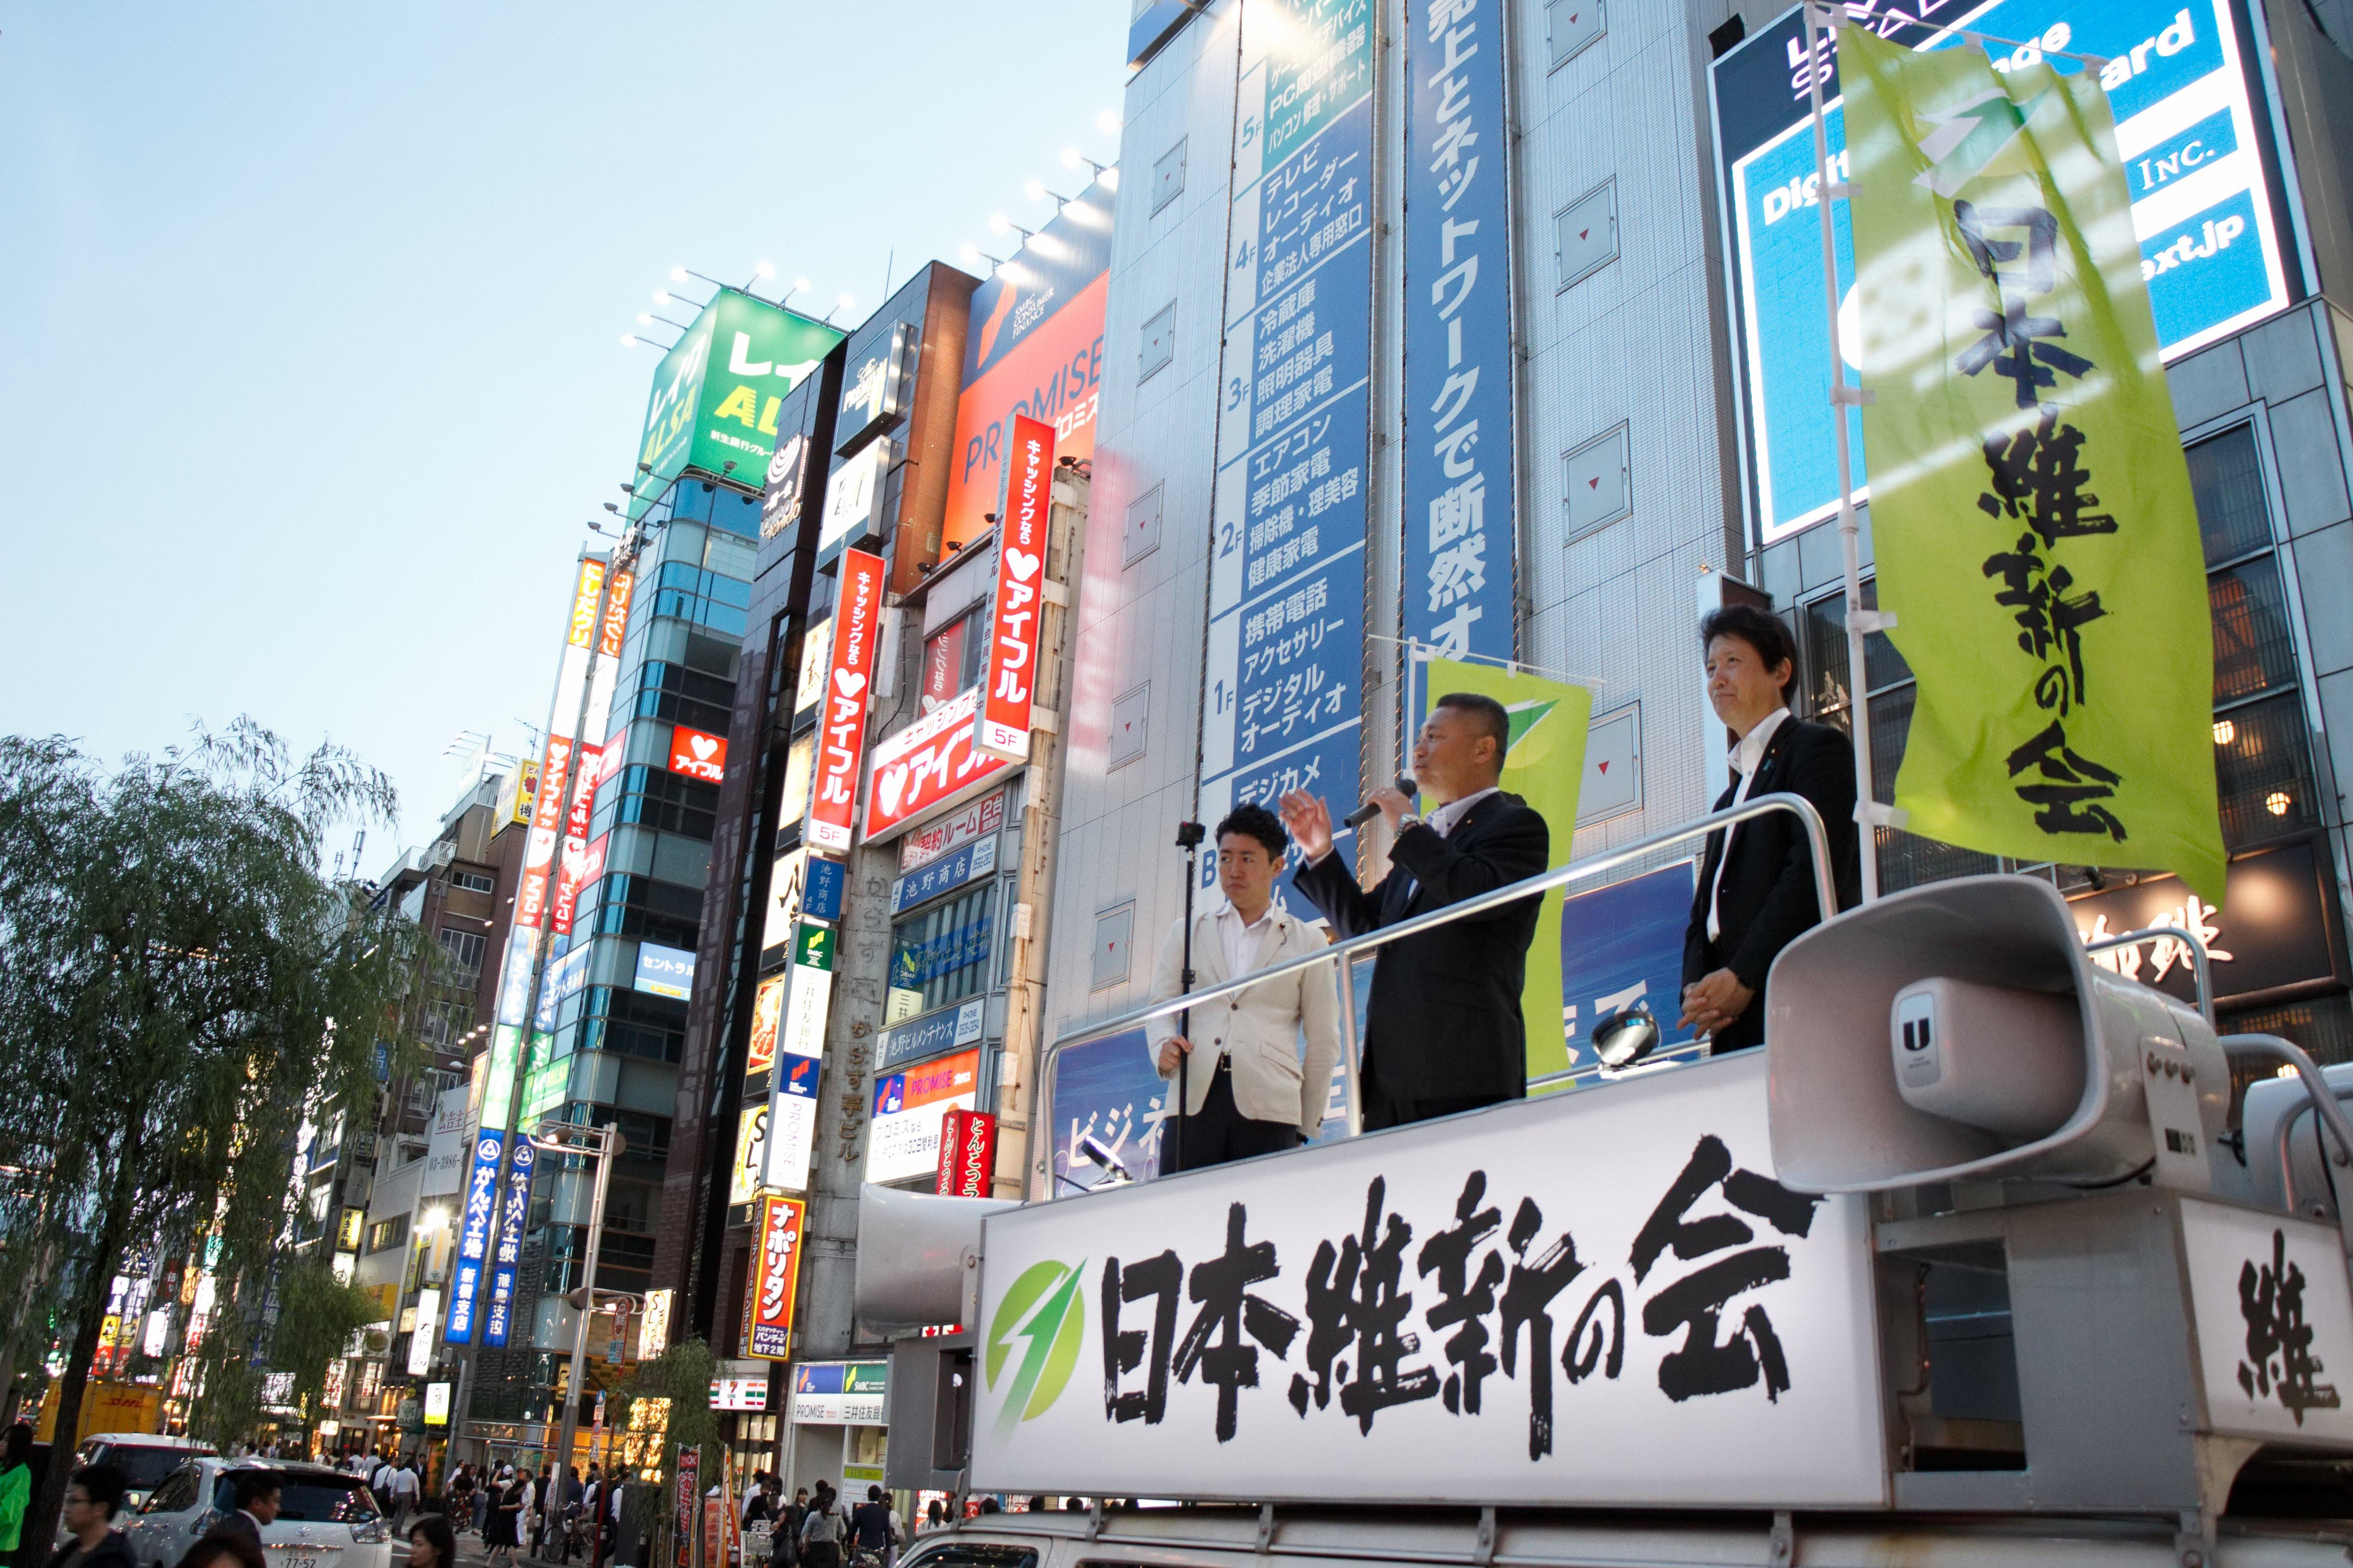 2019年5月30日(木)衆議院本会議並びに日本維新の会 定例JR新橋駅前SL広場前街頭演説開催のお知らせ